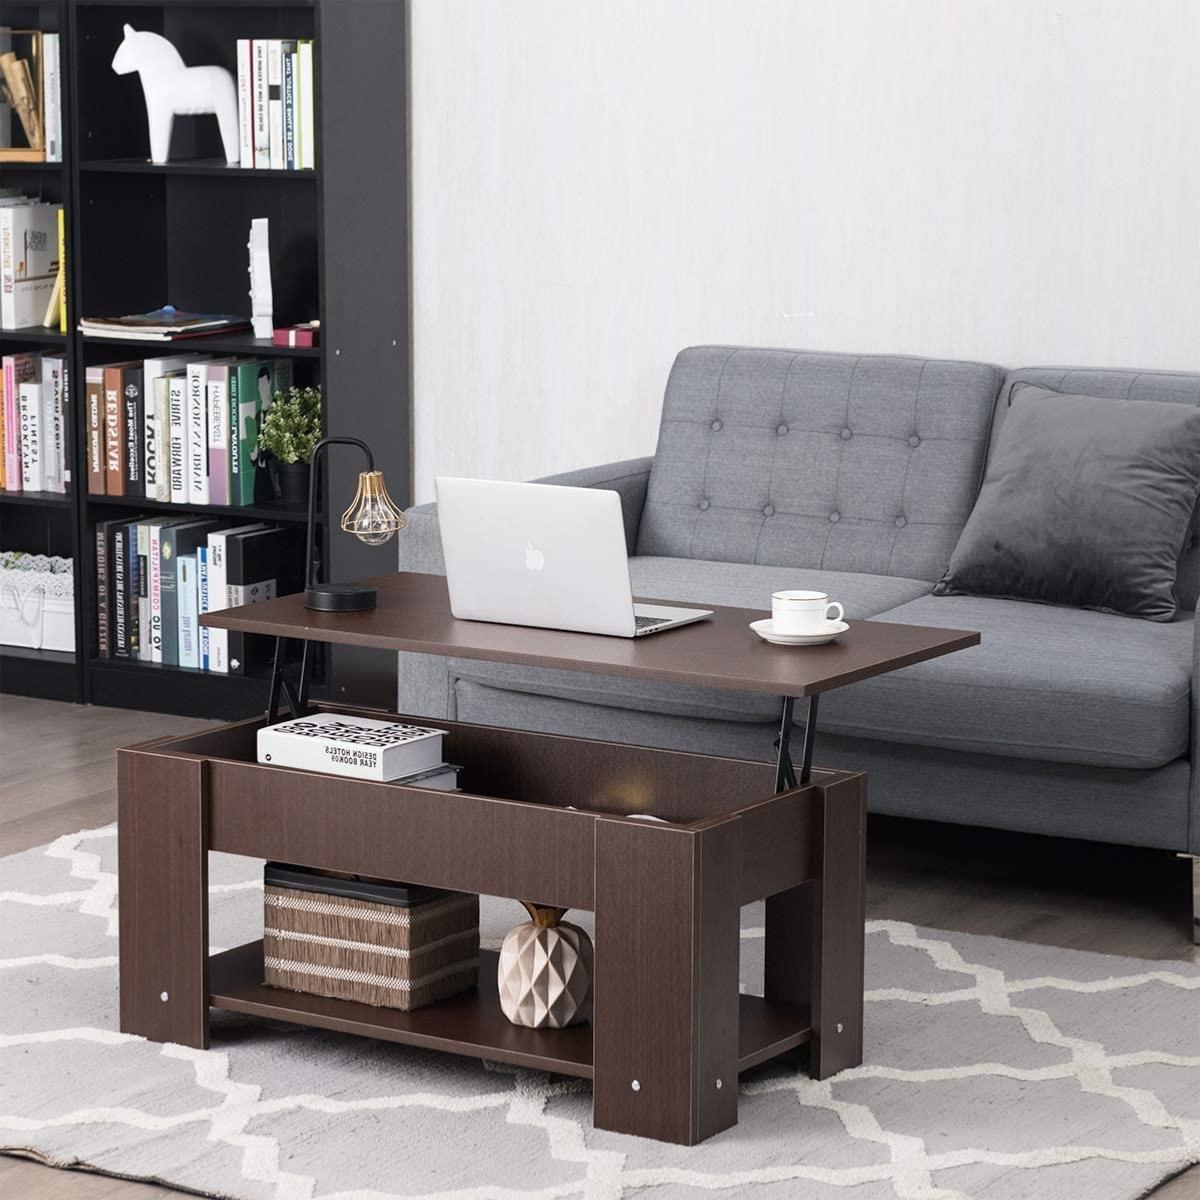 TABLE basse marron, 17 cm, plateau relevable, GALION